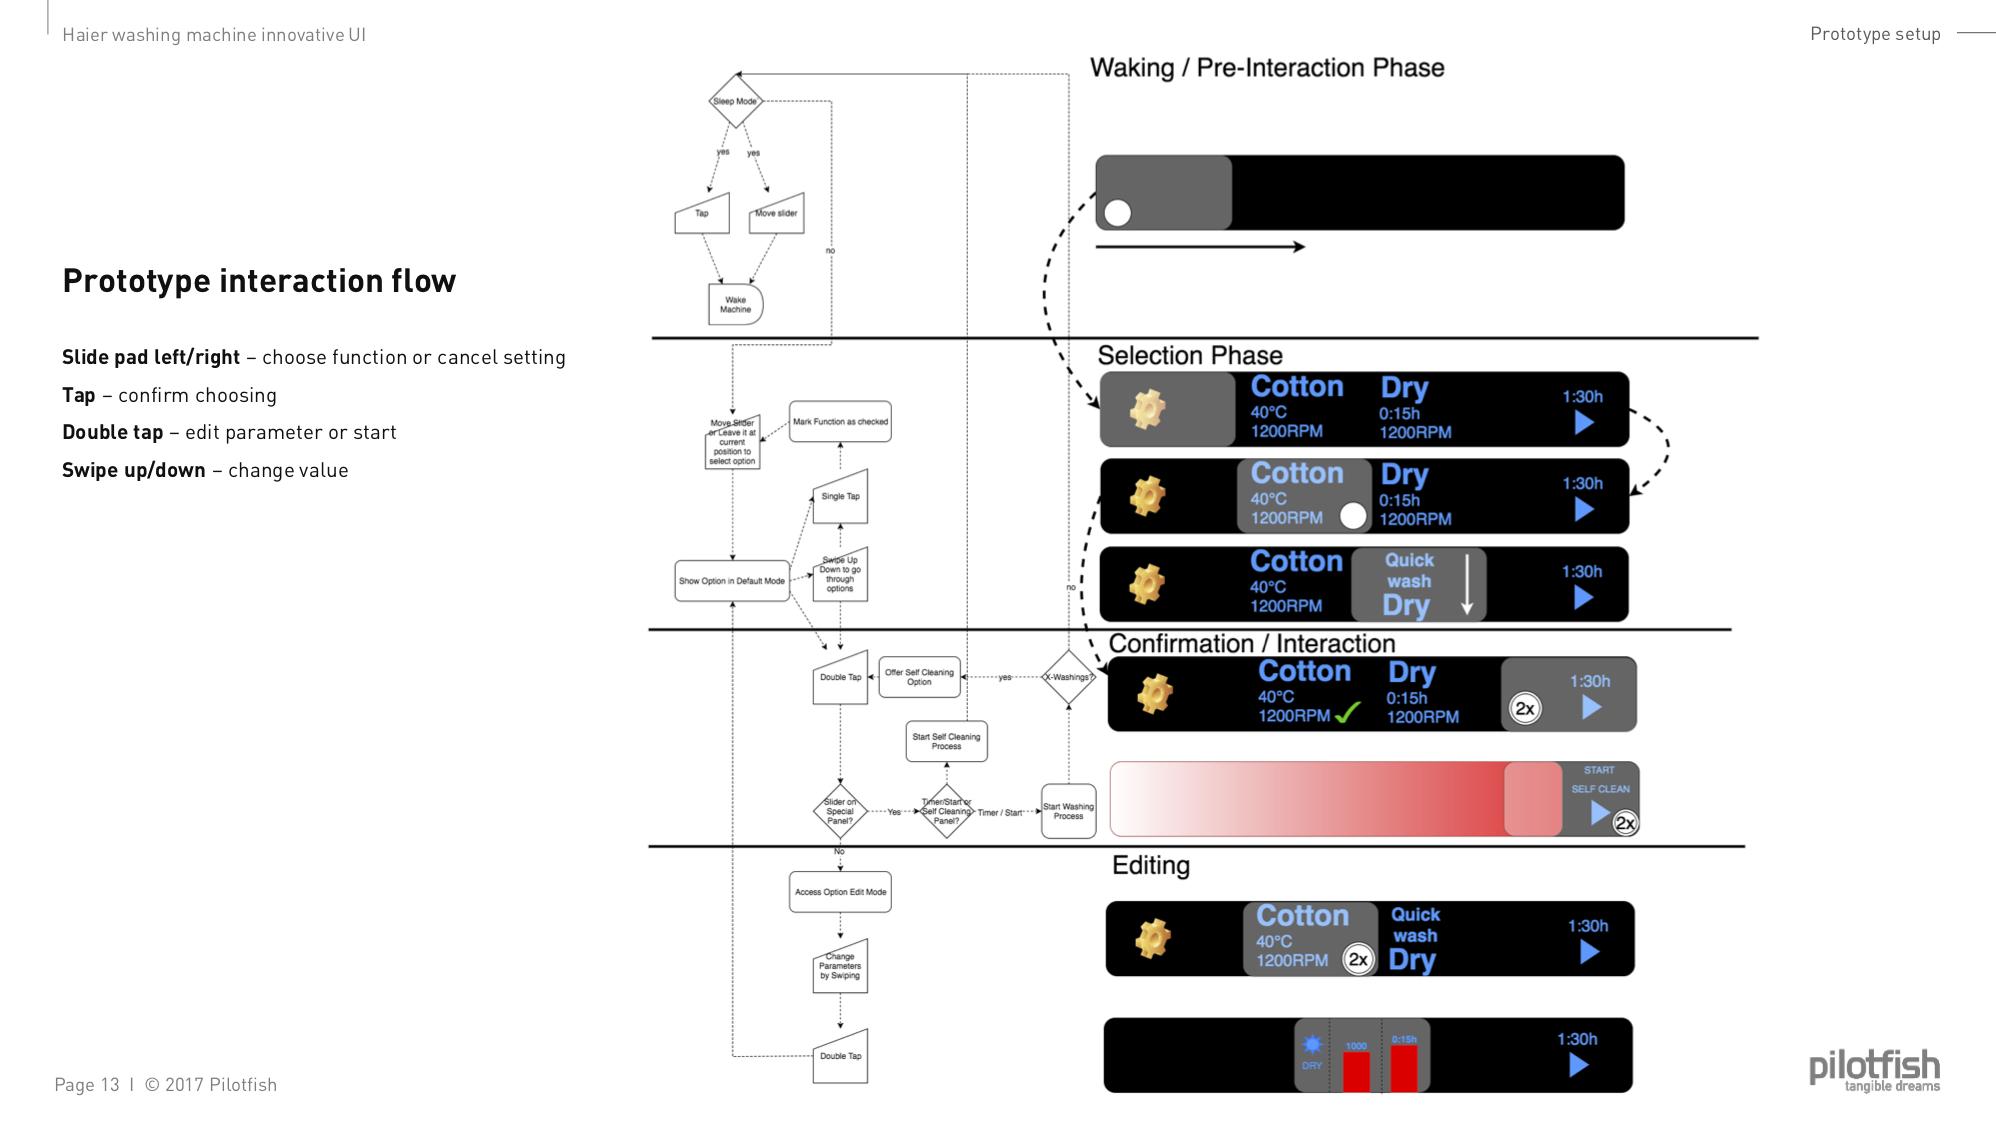 20170831_Haier washing machine_interactive prototype setup_IH_13.jpg